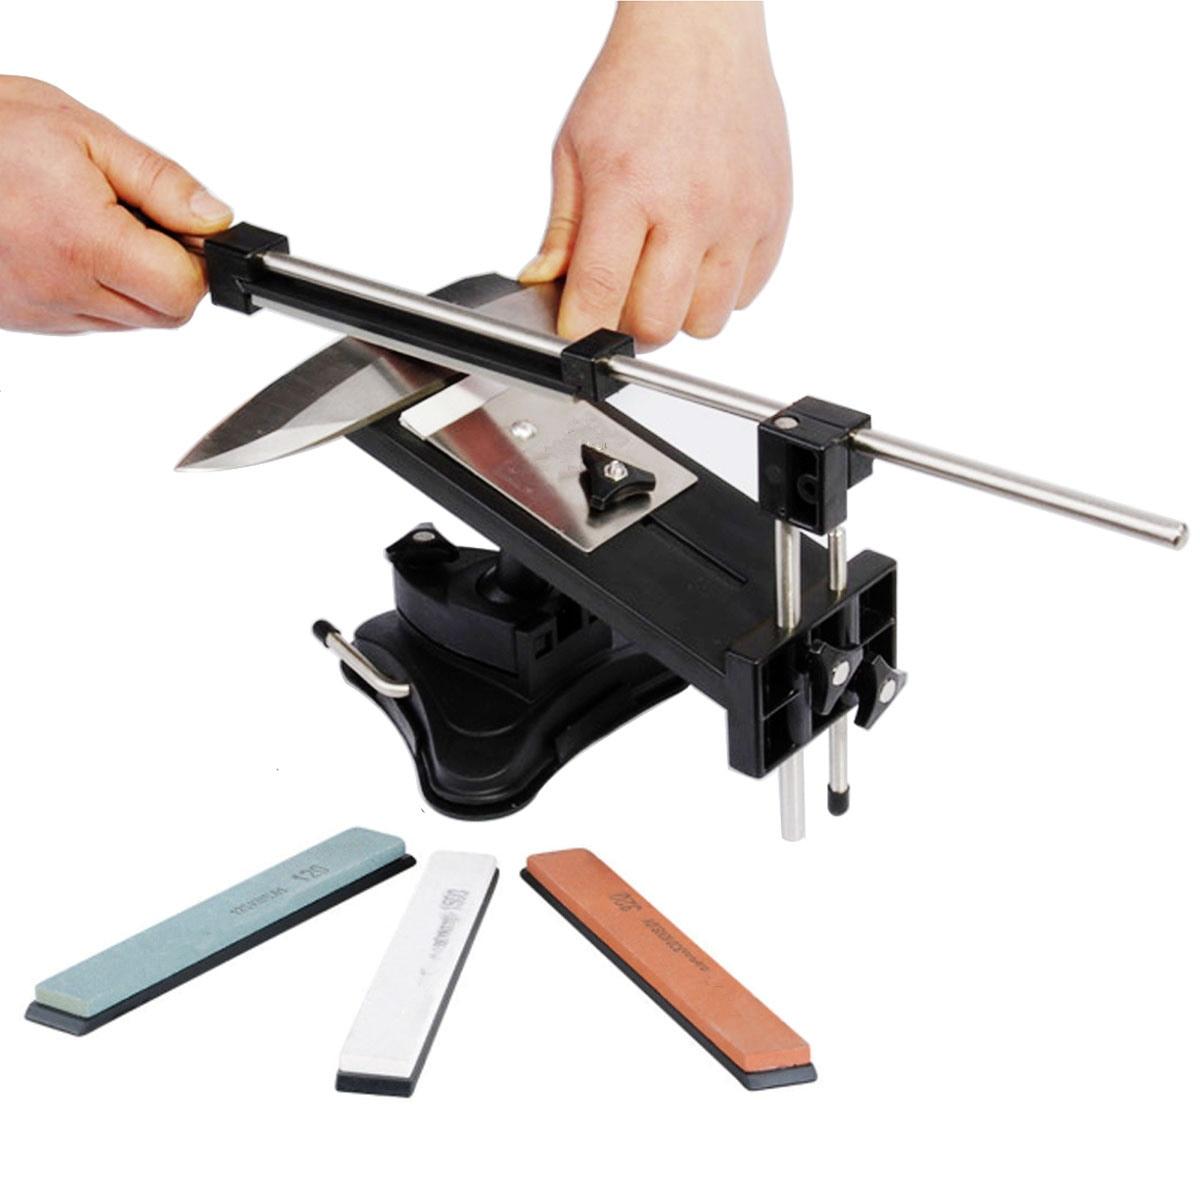 Todo o Ferro Aço Sharpener de faca Profissional Cozinha Ferramentas Do Sistema Fix-ângulo Com 4 Pedras de Afiar Pedra De Amolar Facas de Cozinha